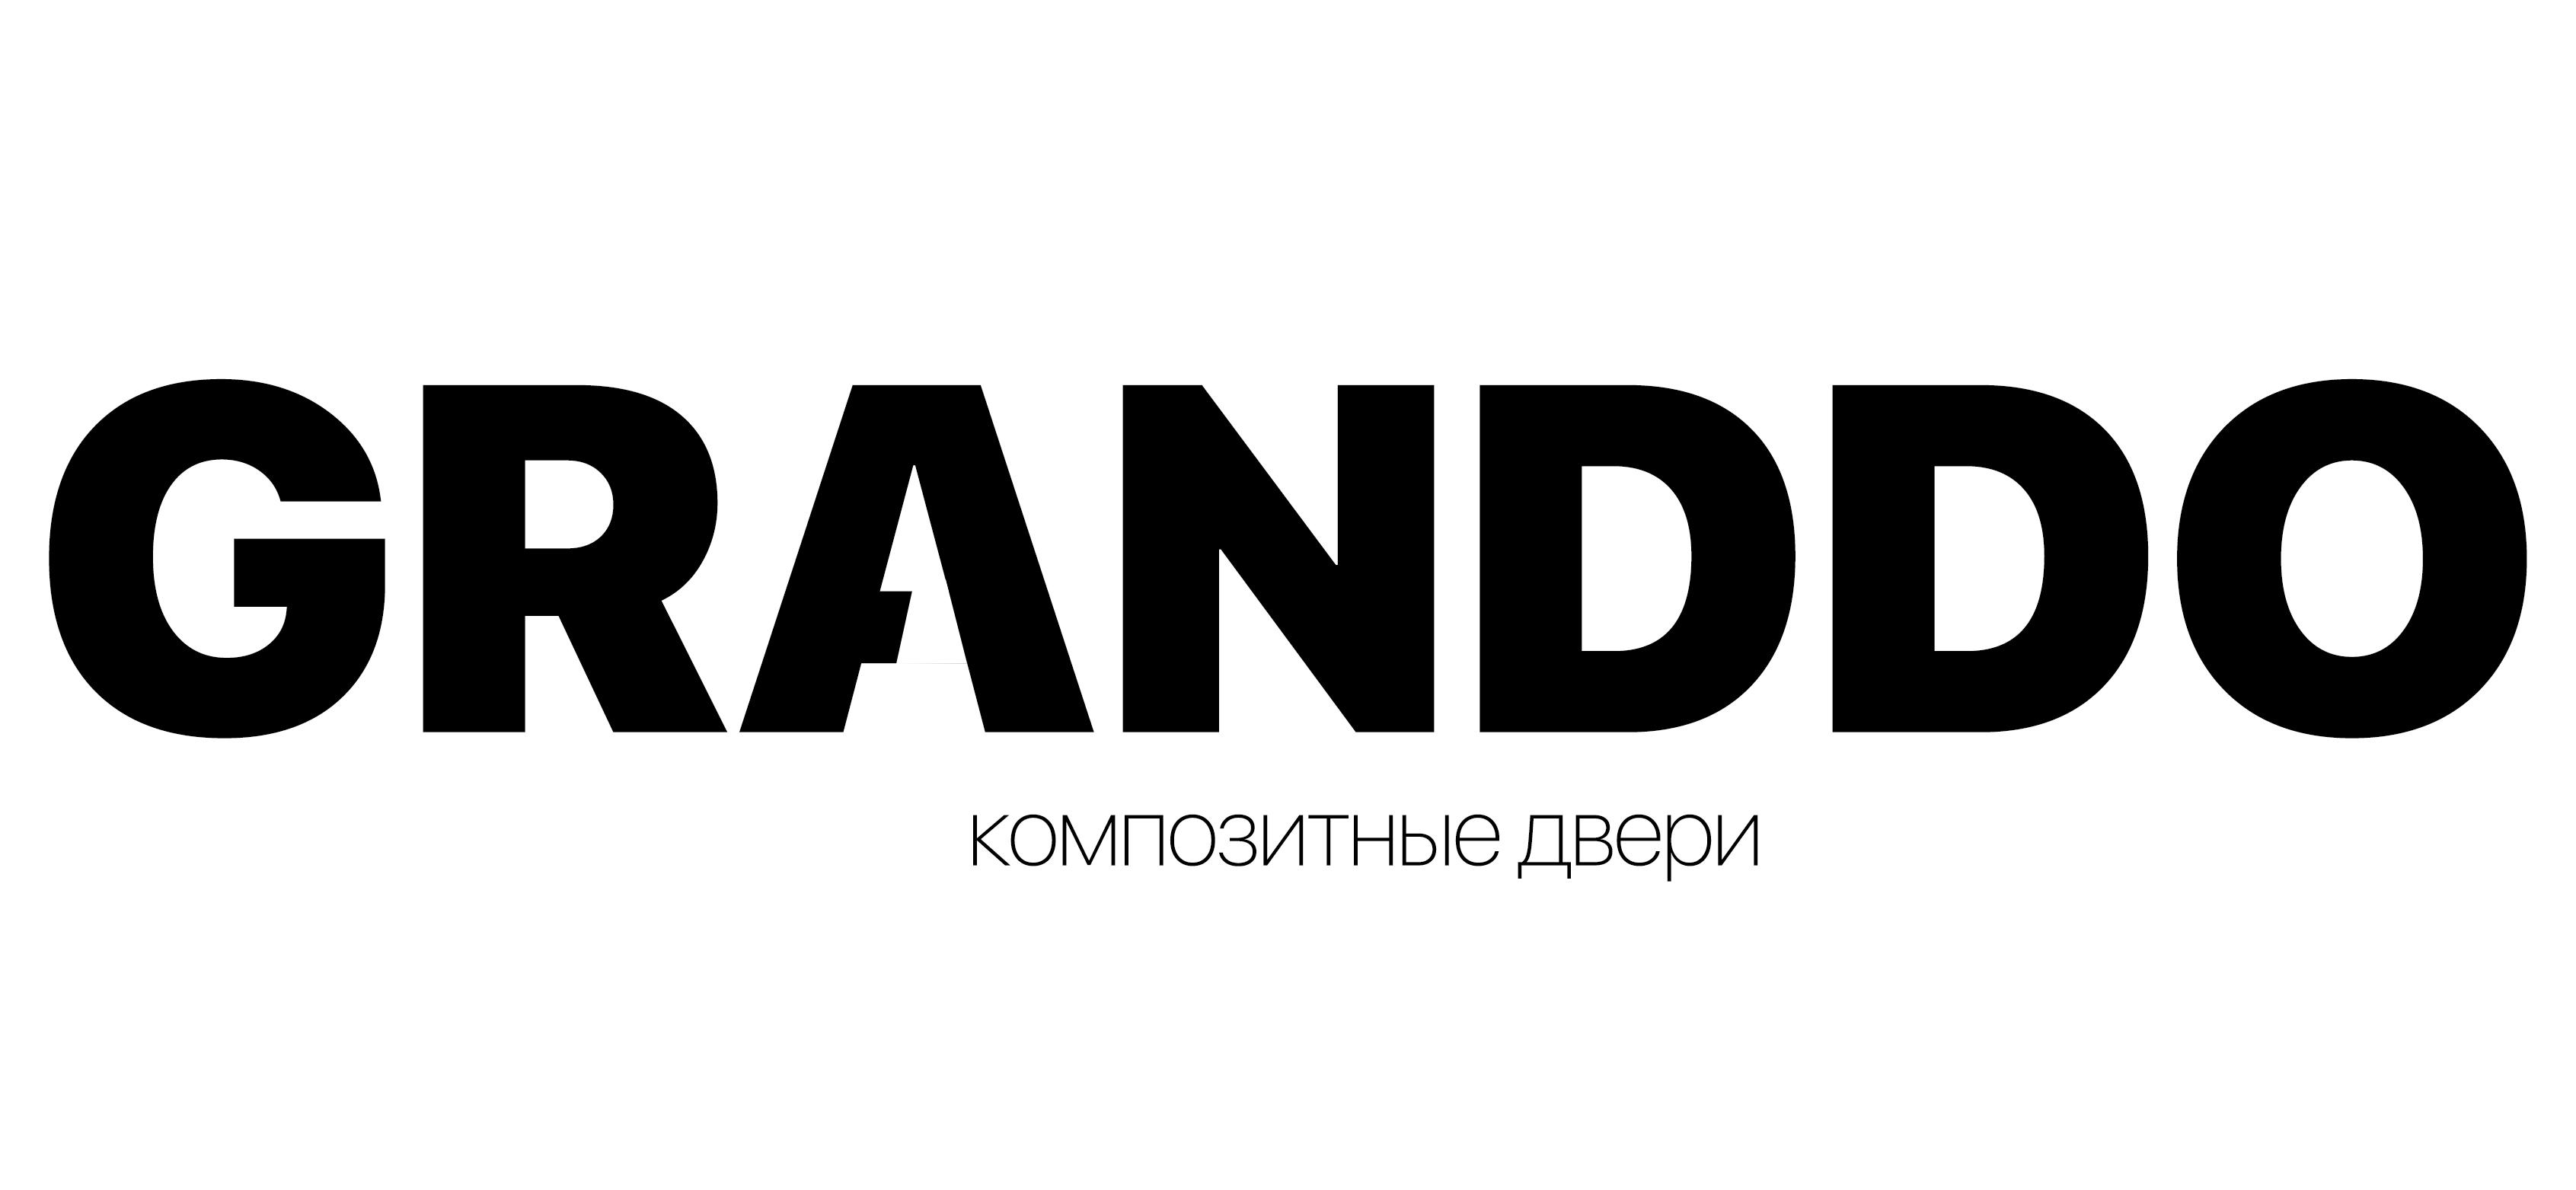 Разработка логотипа фото f_6035a889b782cd4a.jpg